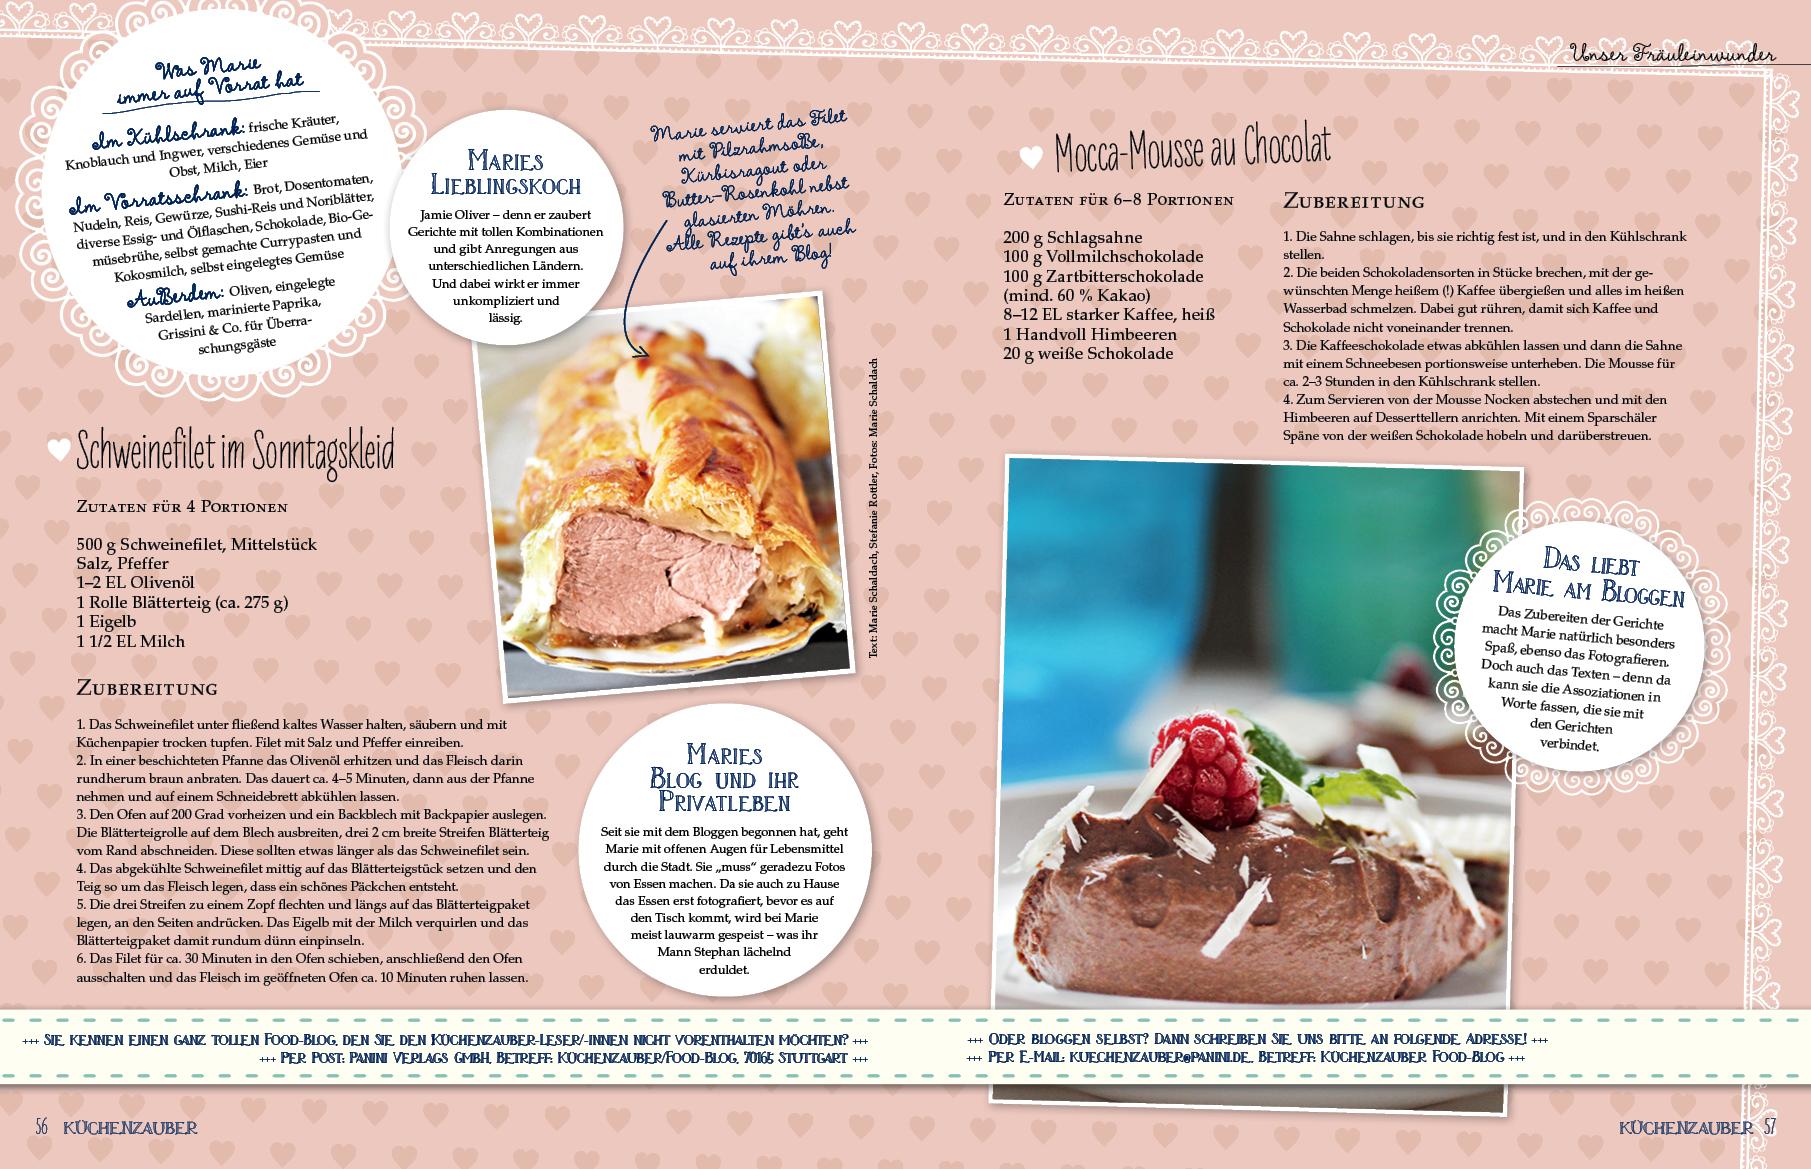 Schätze aus meiner Küche im Küchenzauber Foodmagazin